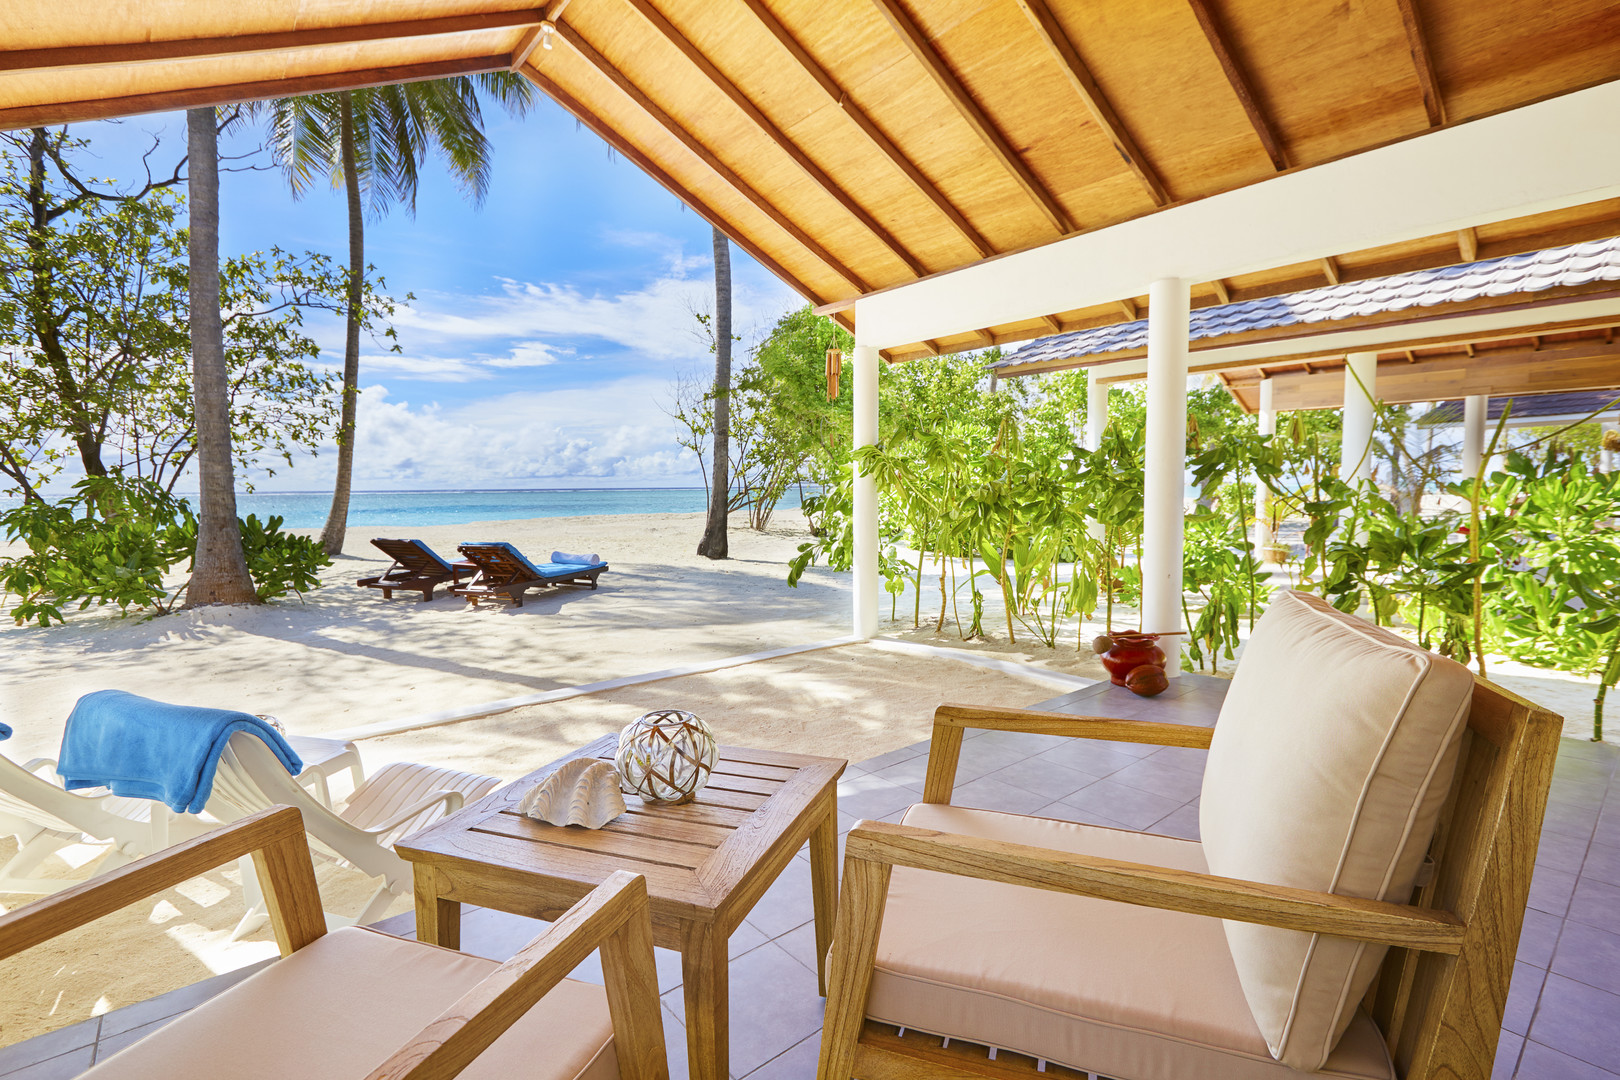 Innahura Maldives Resort #4